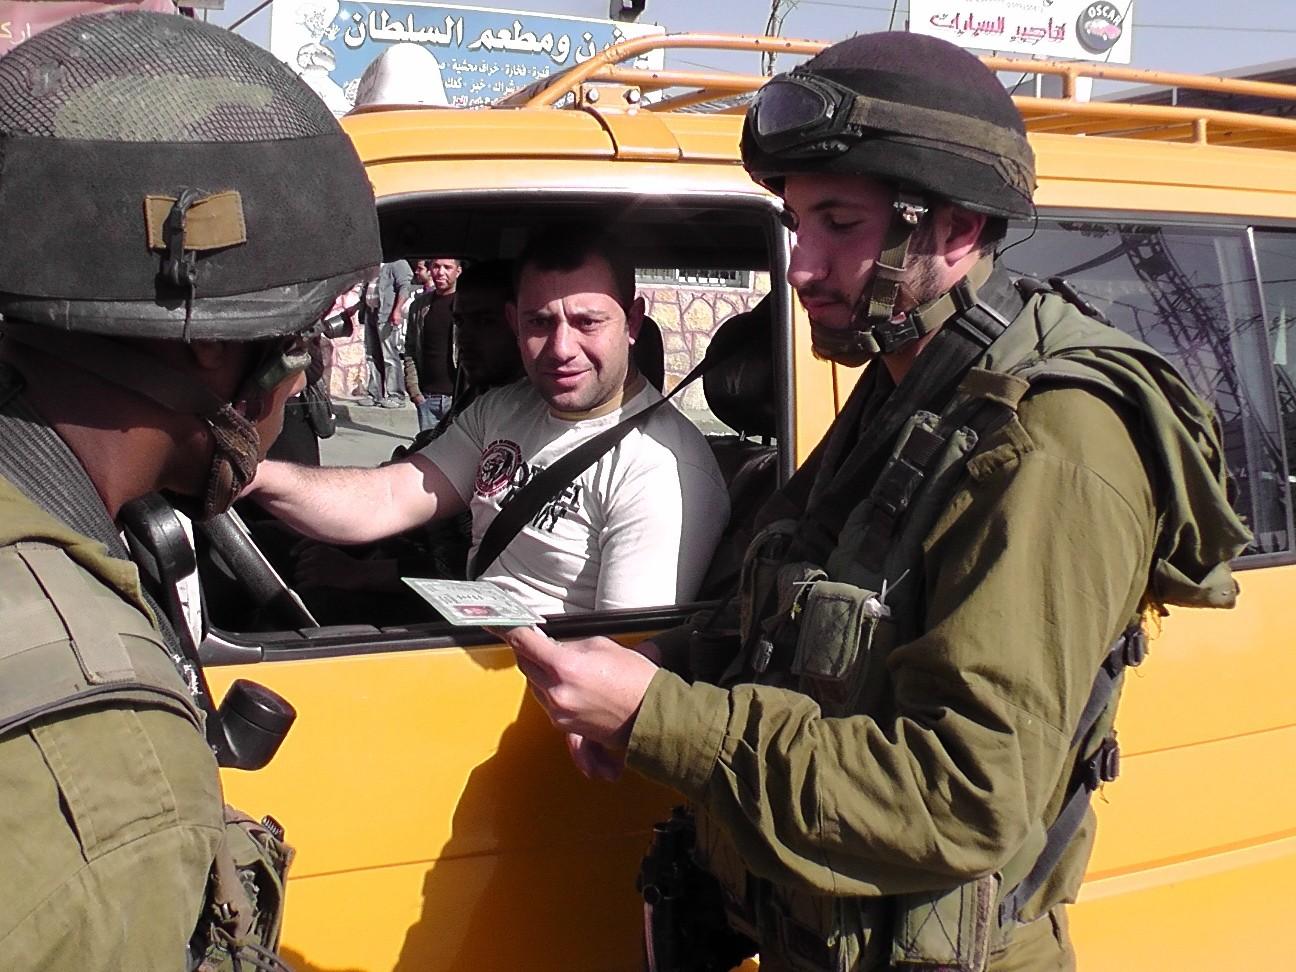 الاحتلال يعتقل الأسير المحرر غسان الأطرش قرب قلقيلية